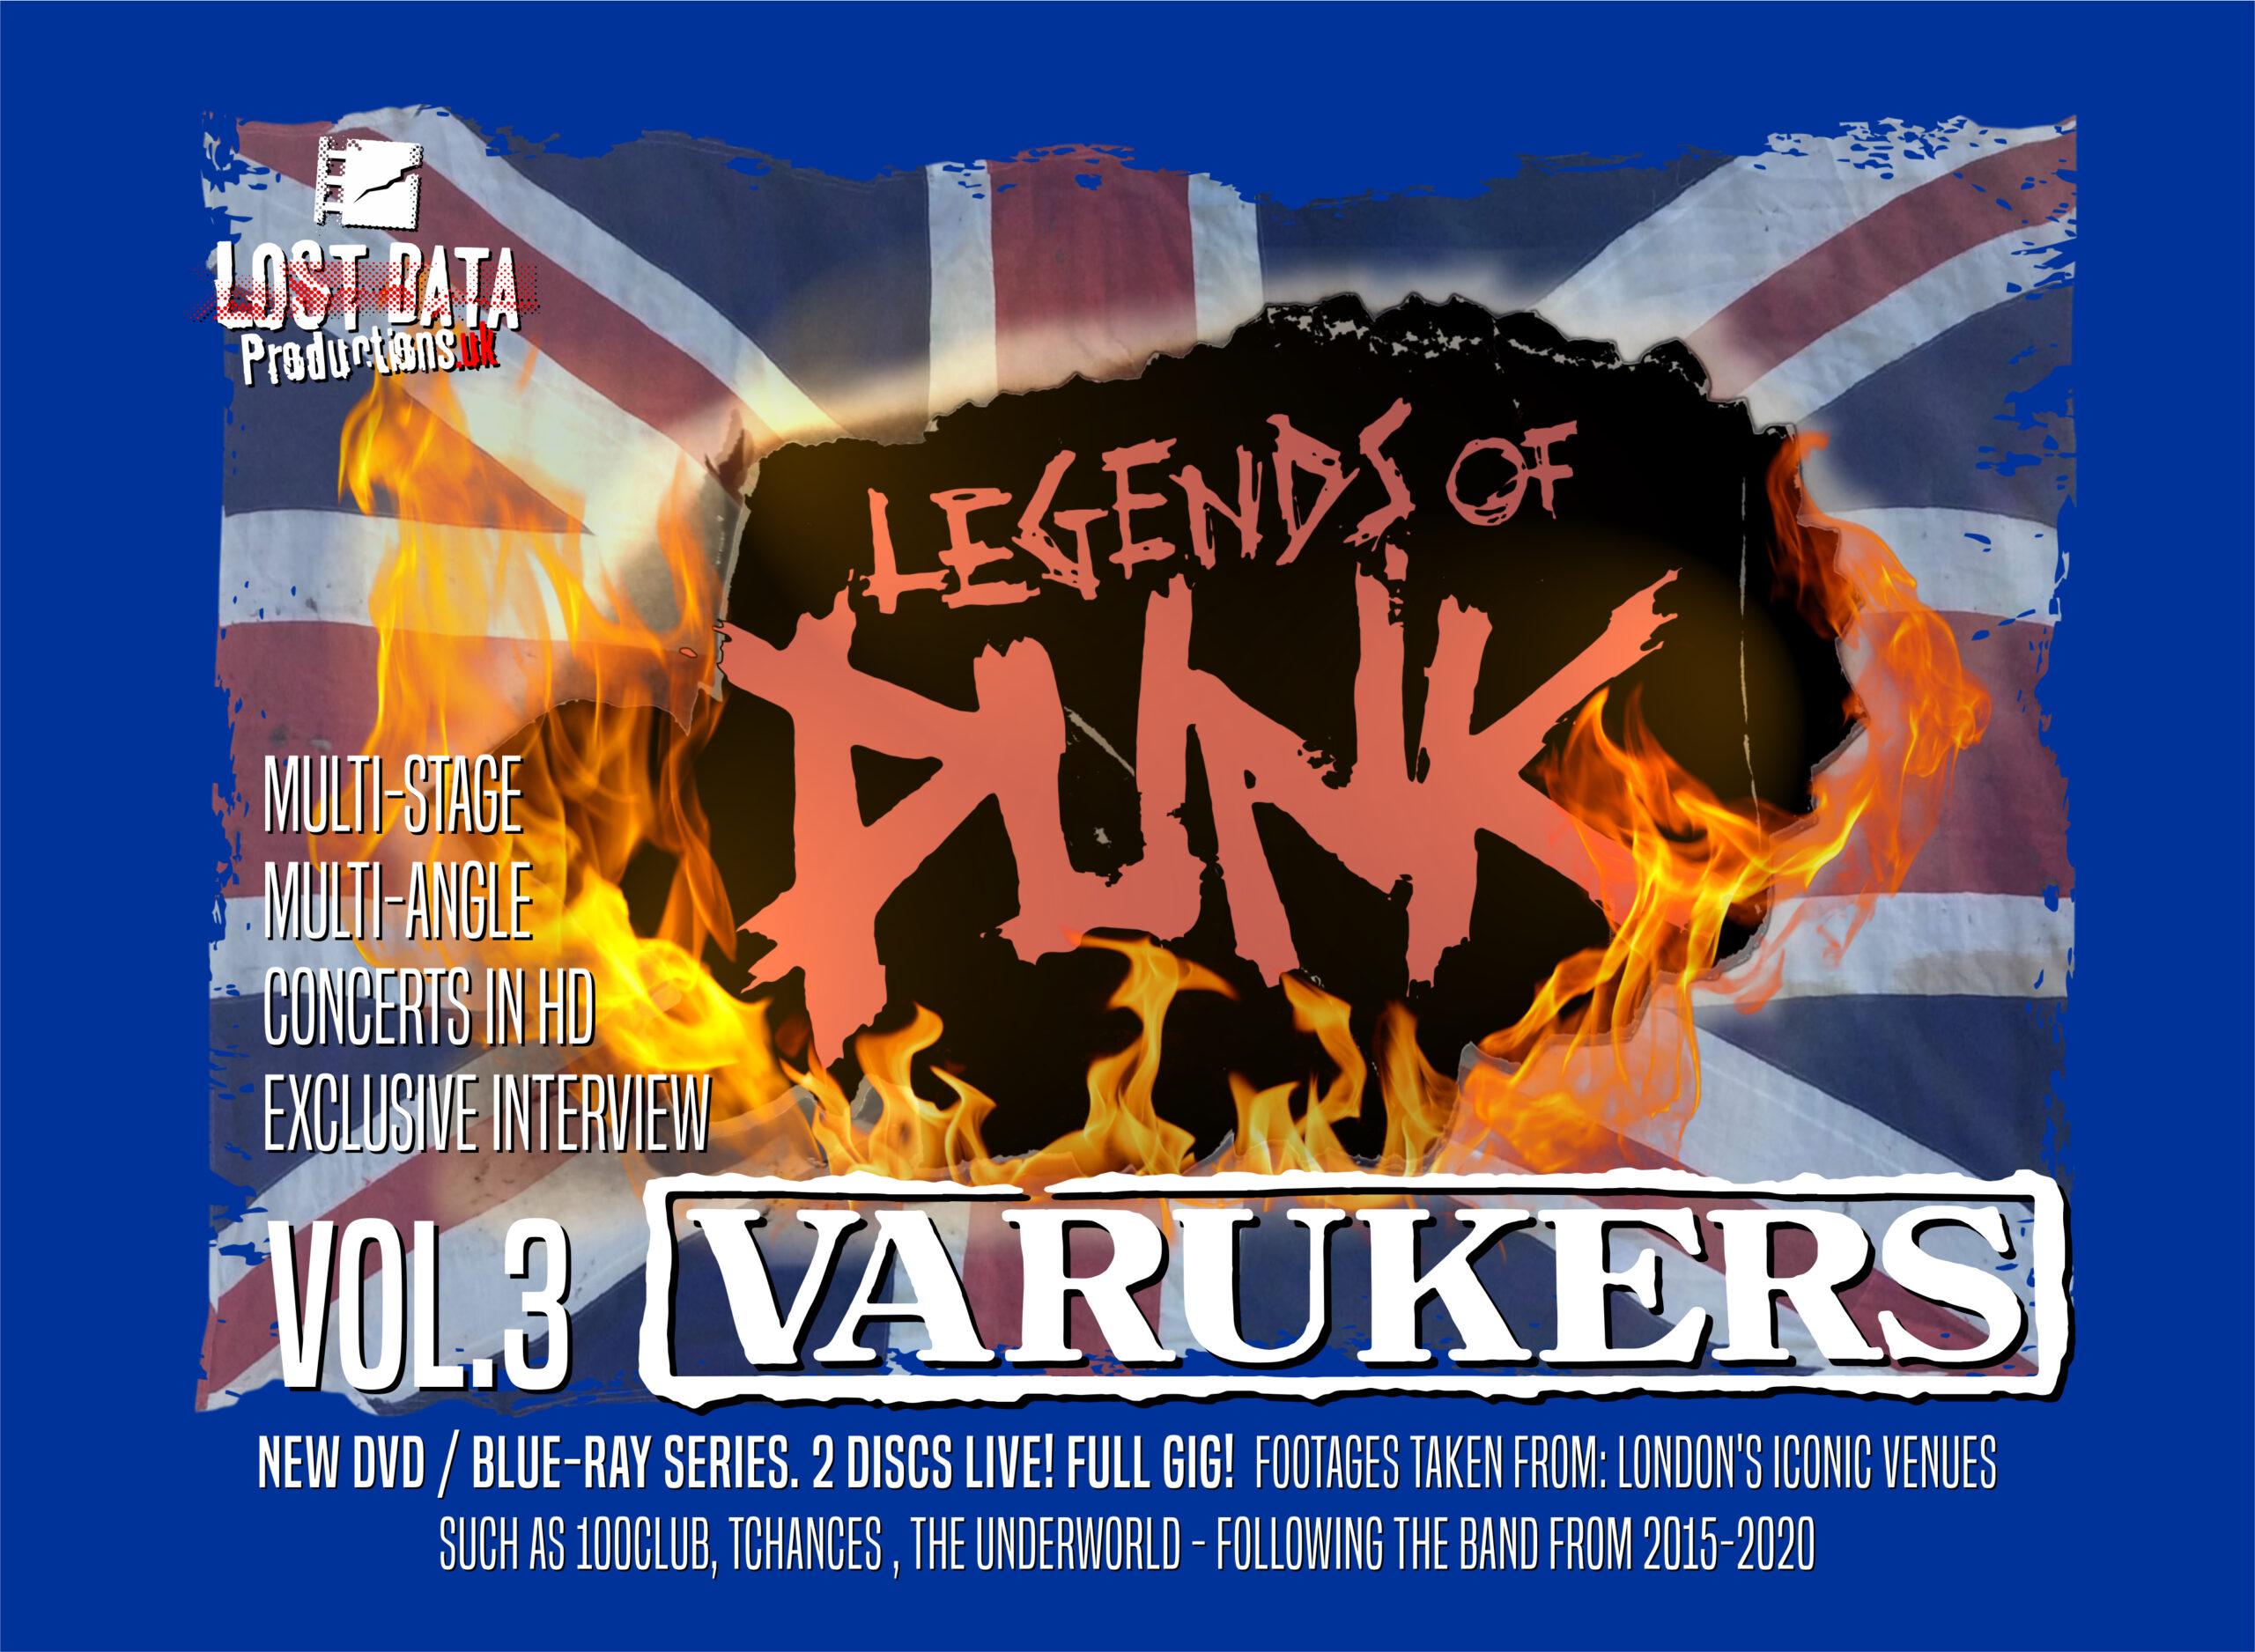 Legends of Punk vol.3